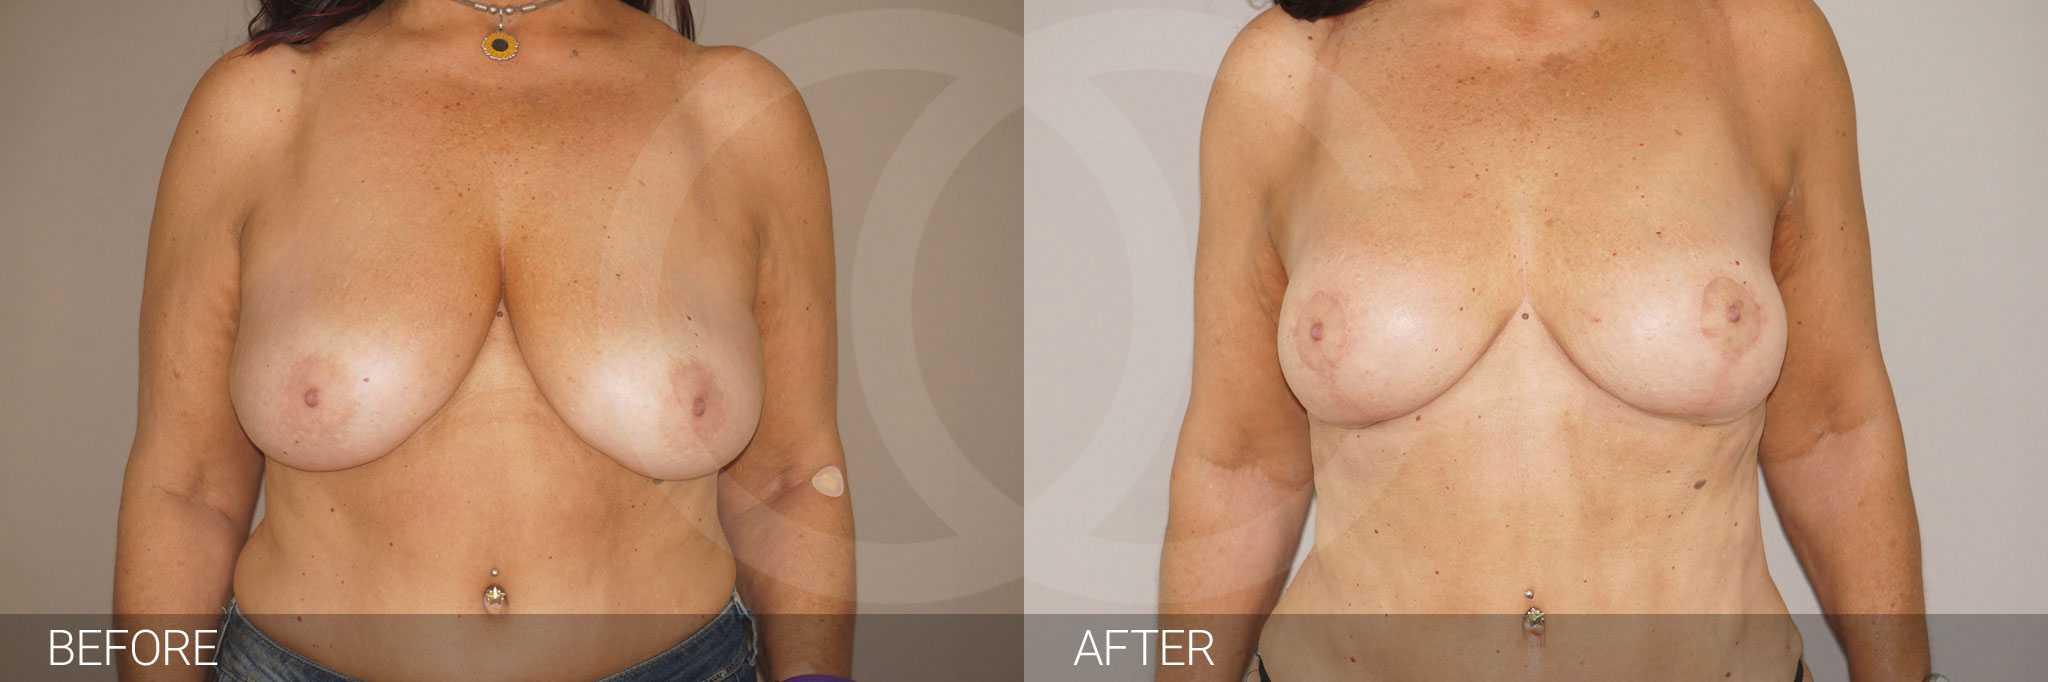 Reducción de pecho foto antes y después